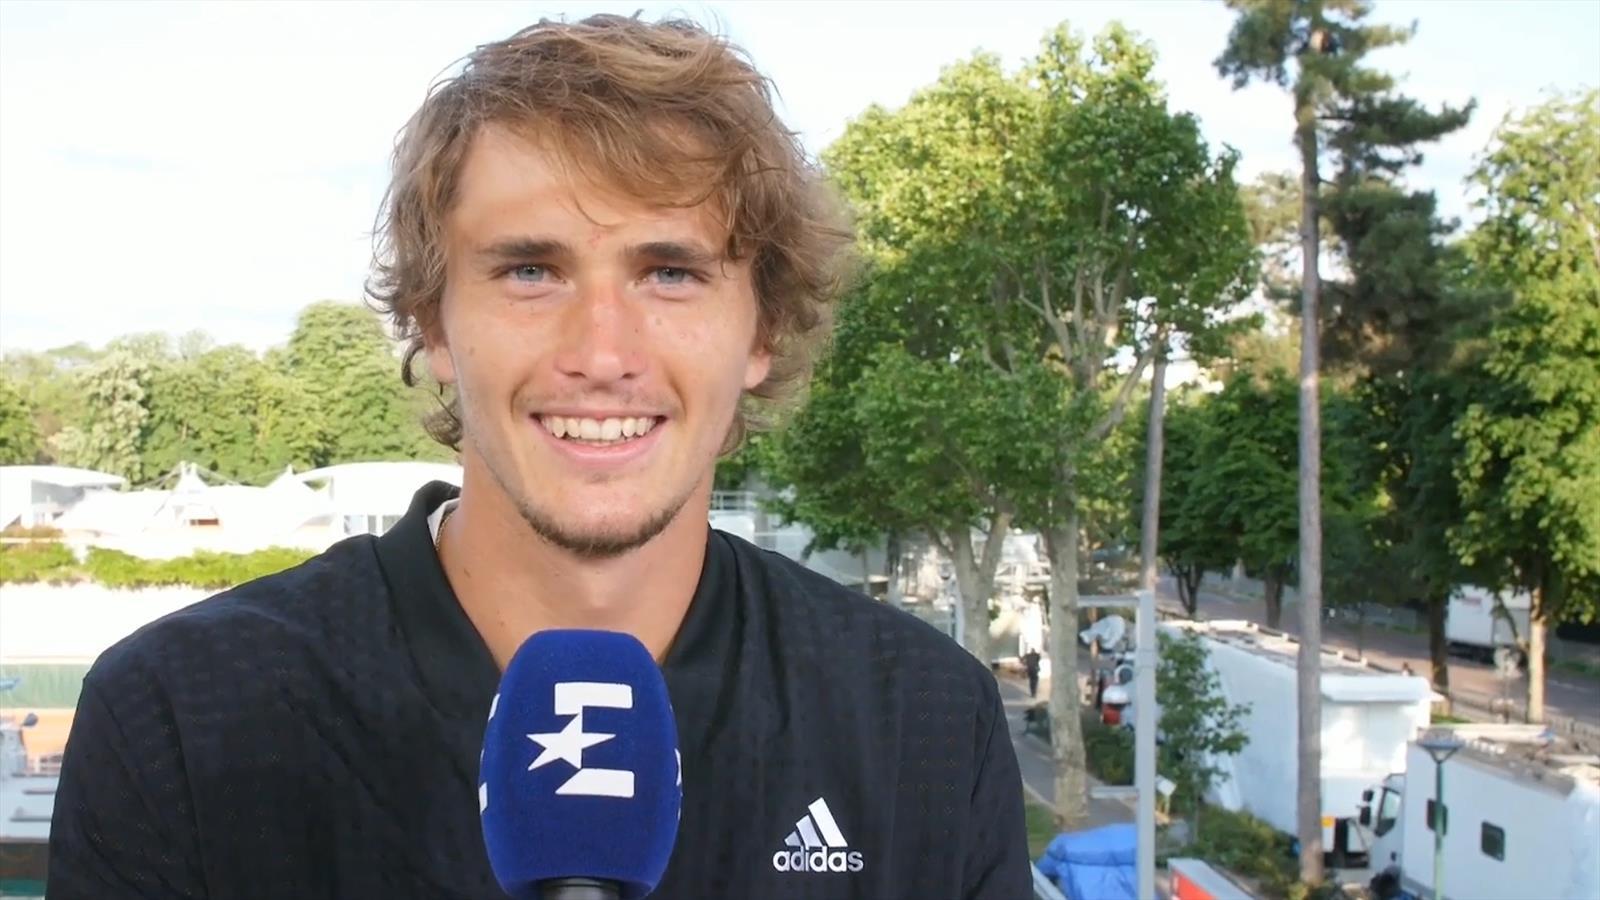 Tennis Zeitreise Mit Zverev Wollte Unbedingt Ein Autogramm Geben